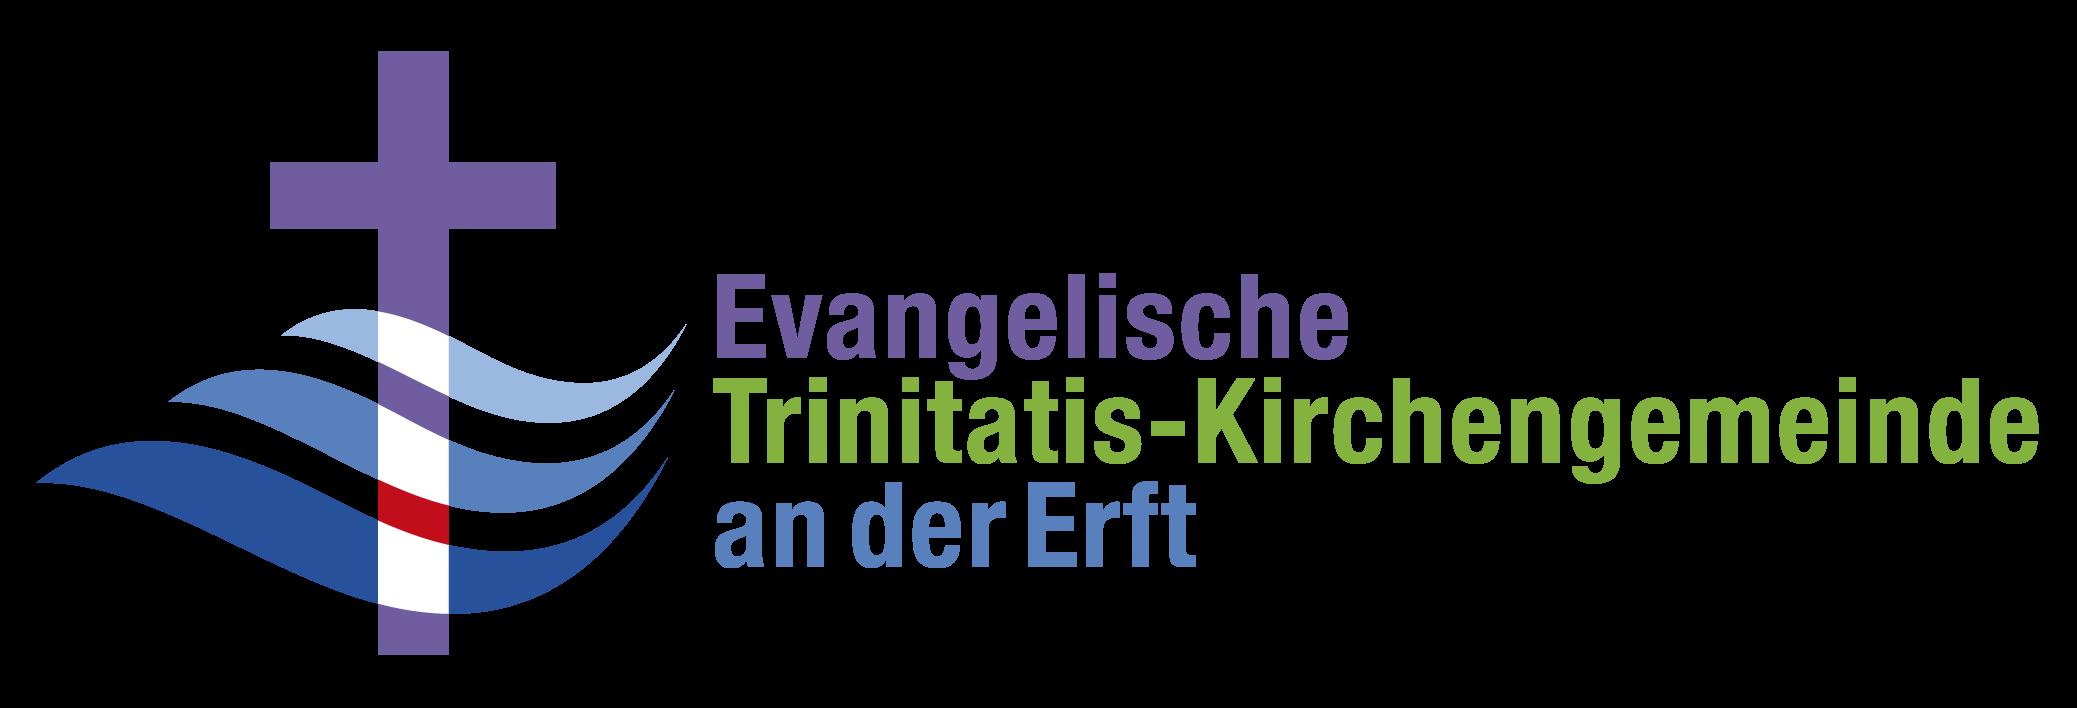 Trinitatis Kirchengemeinde an der Erft